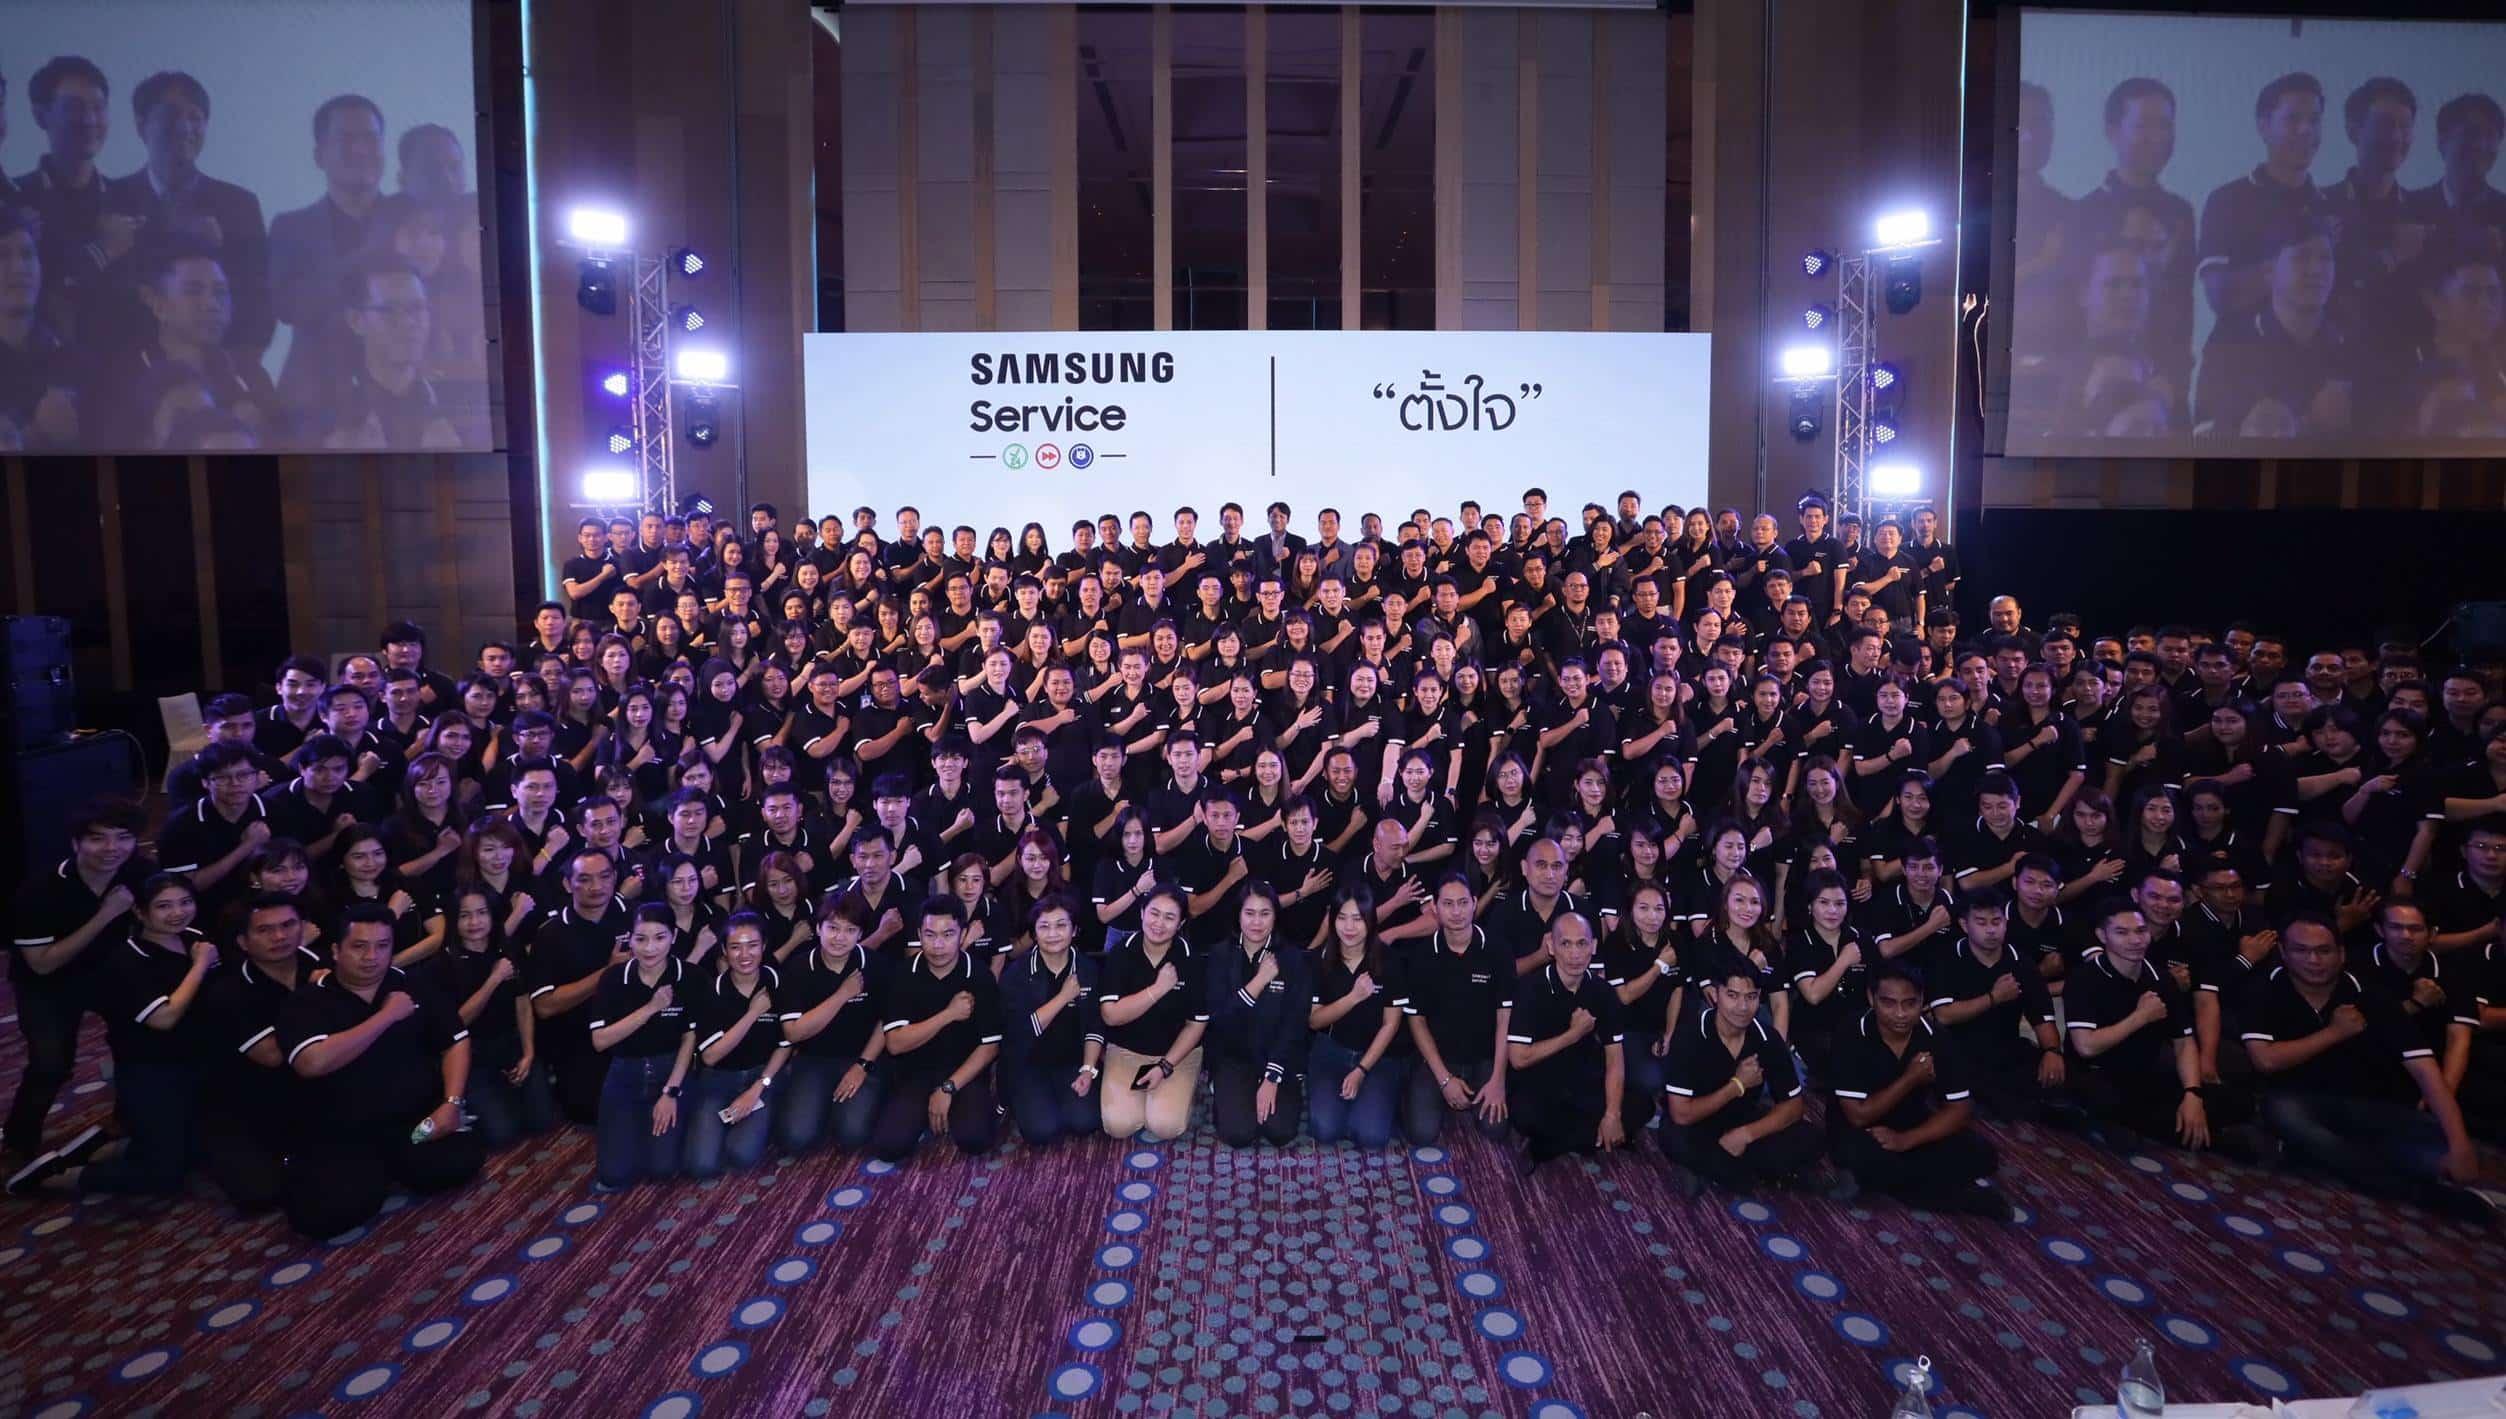 รูป Samsung Service ประกอบเนื้อหา Samsung Services สานต่อความ 'ตั้งใจ' เดินหน้าชูนโ ยบายด้านการบริการปี 2563